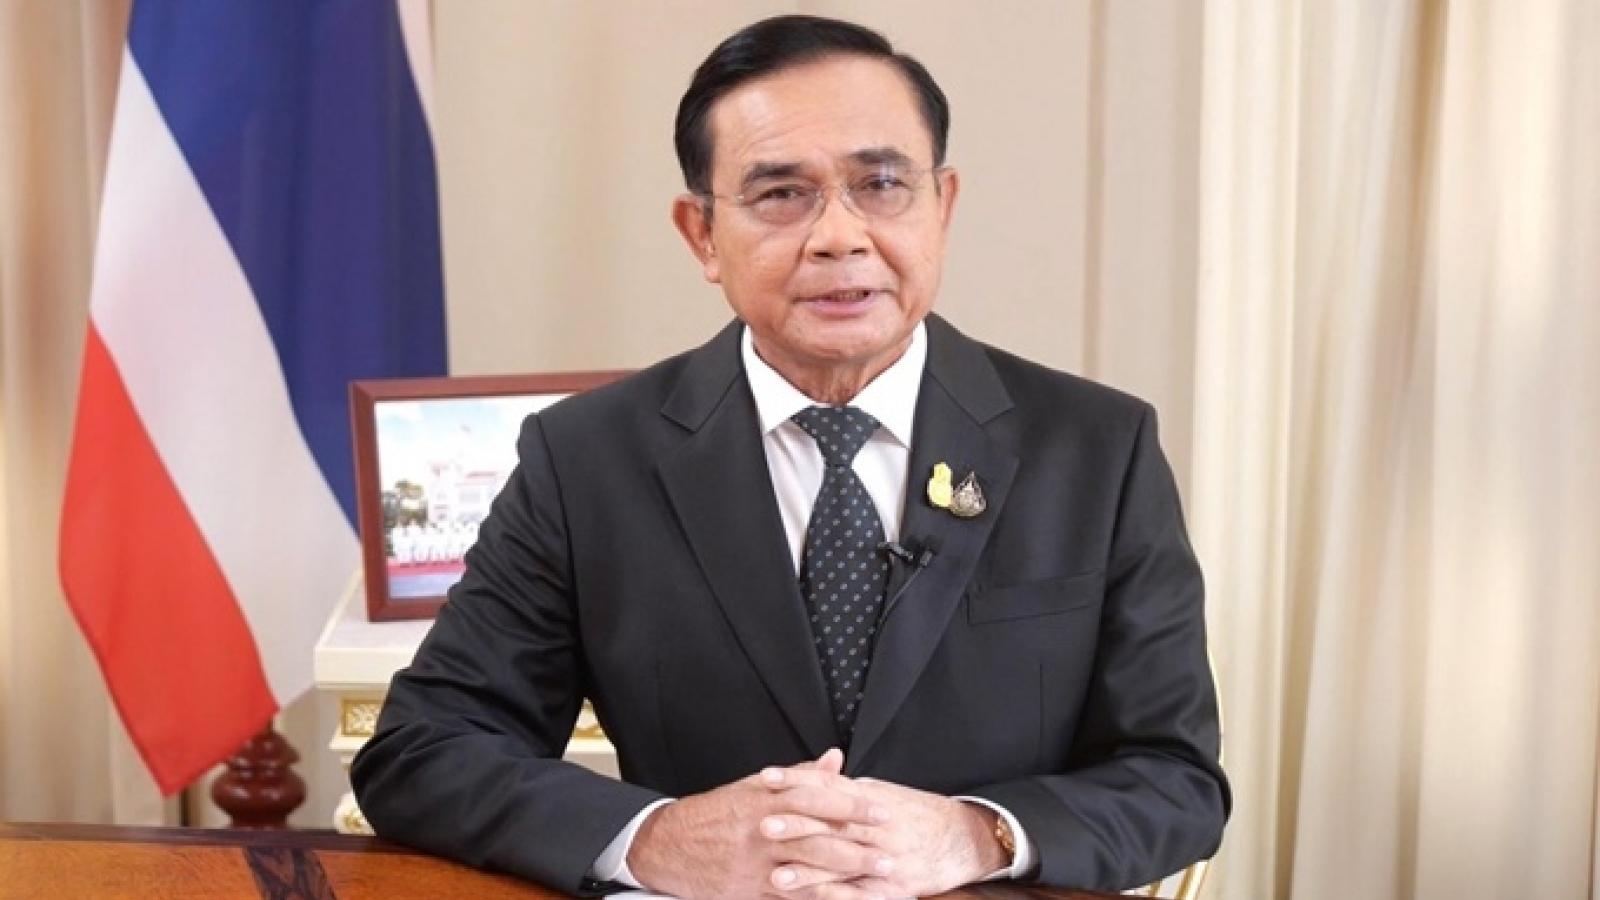 Thủ tướng Thái Lan sẽ tham dự Hội nghị Cấp cao ASEAN lần thứ 38 và 39